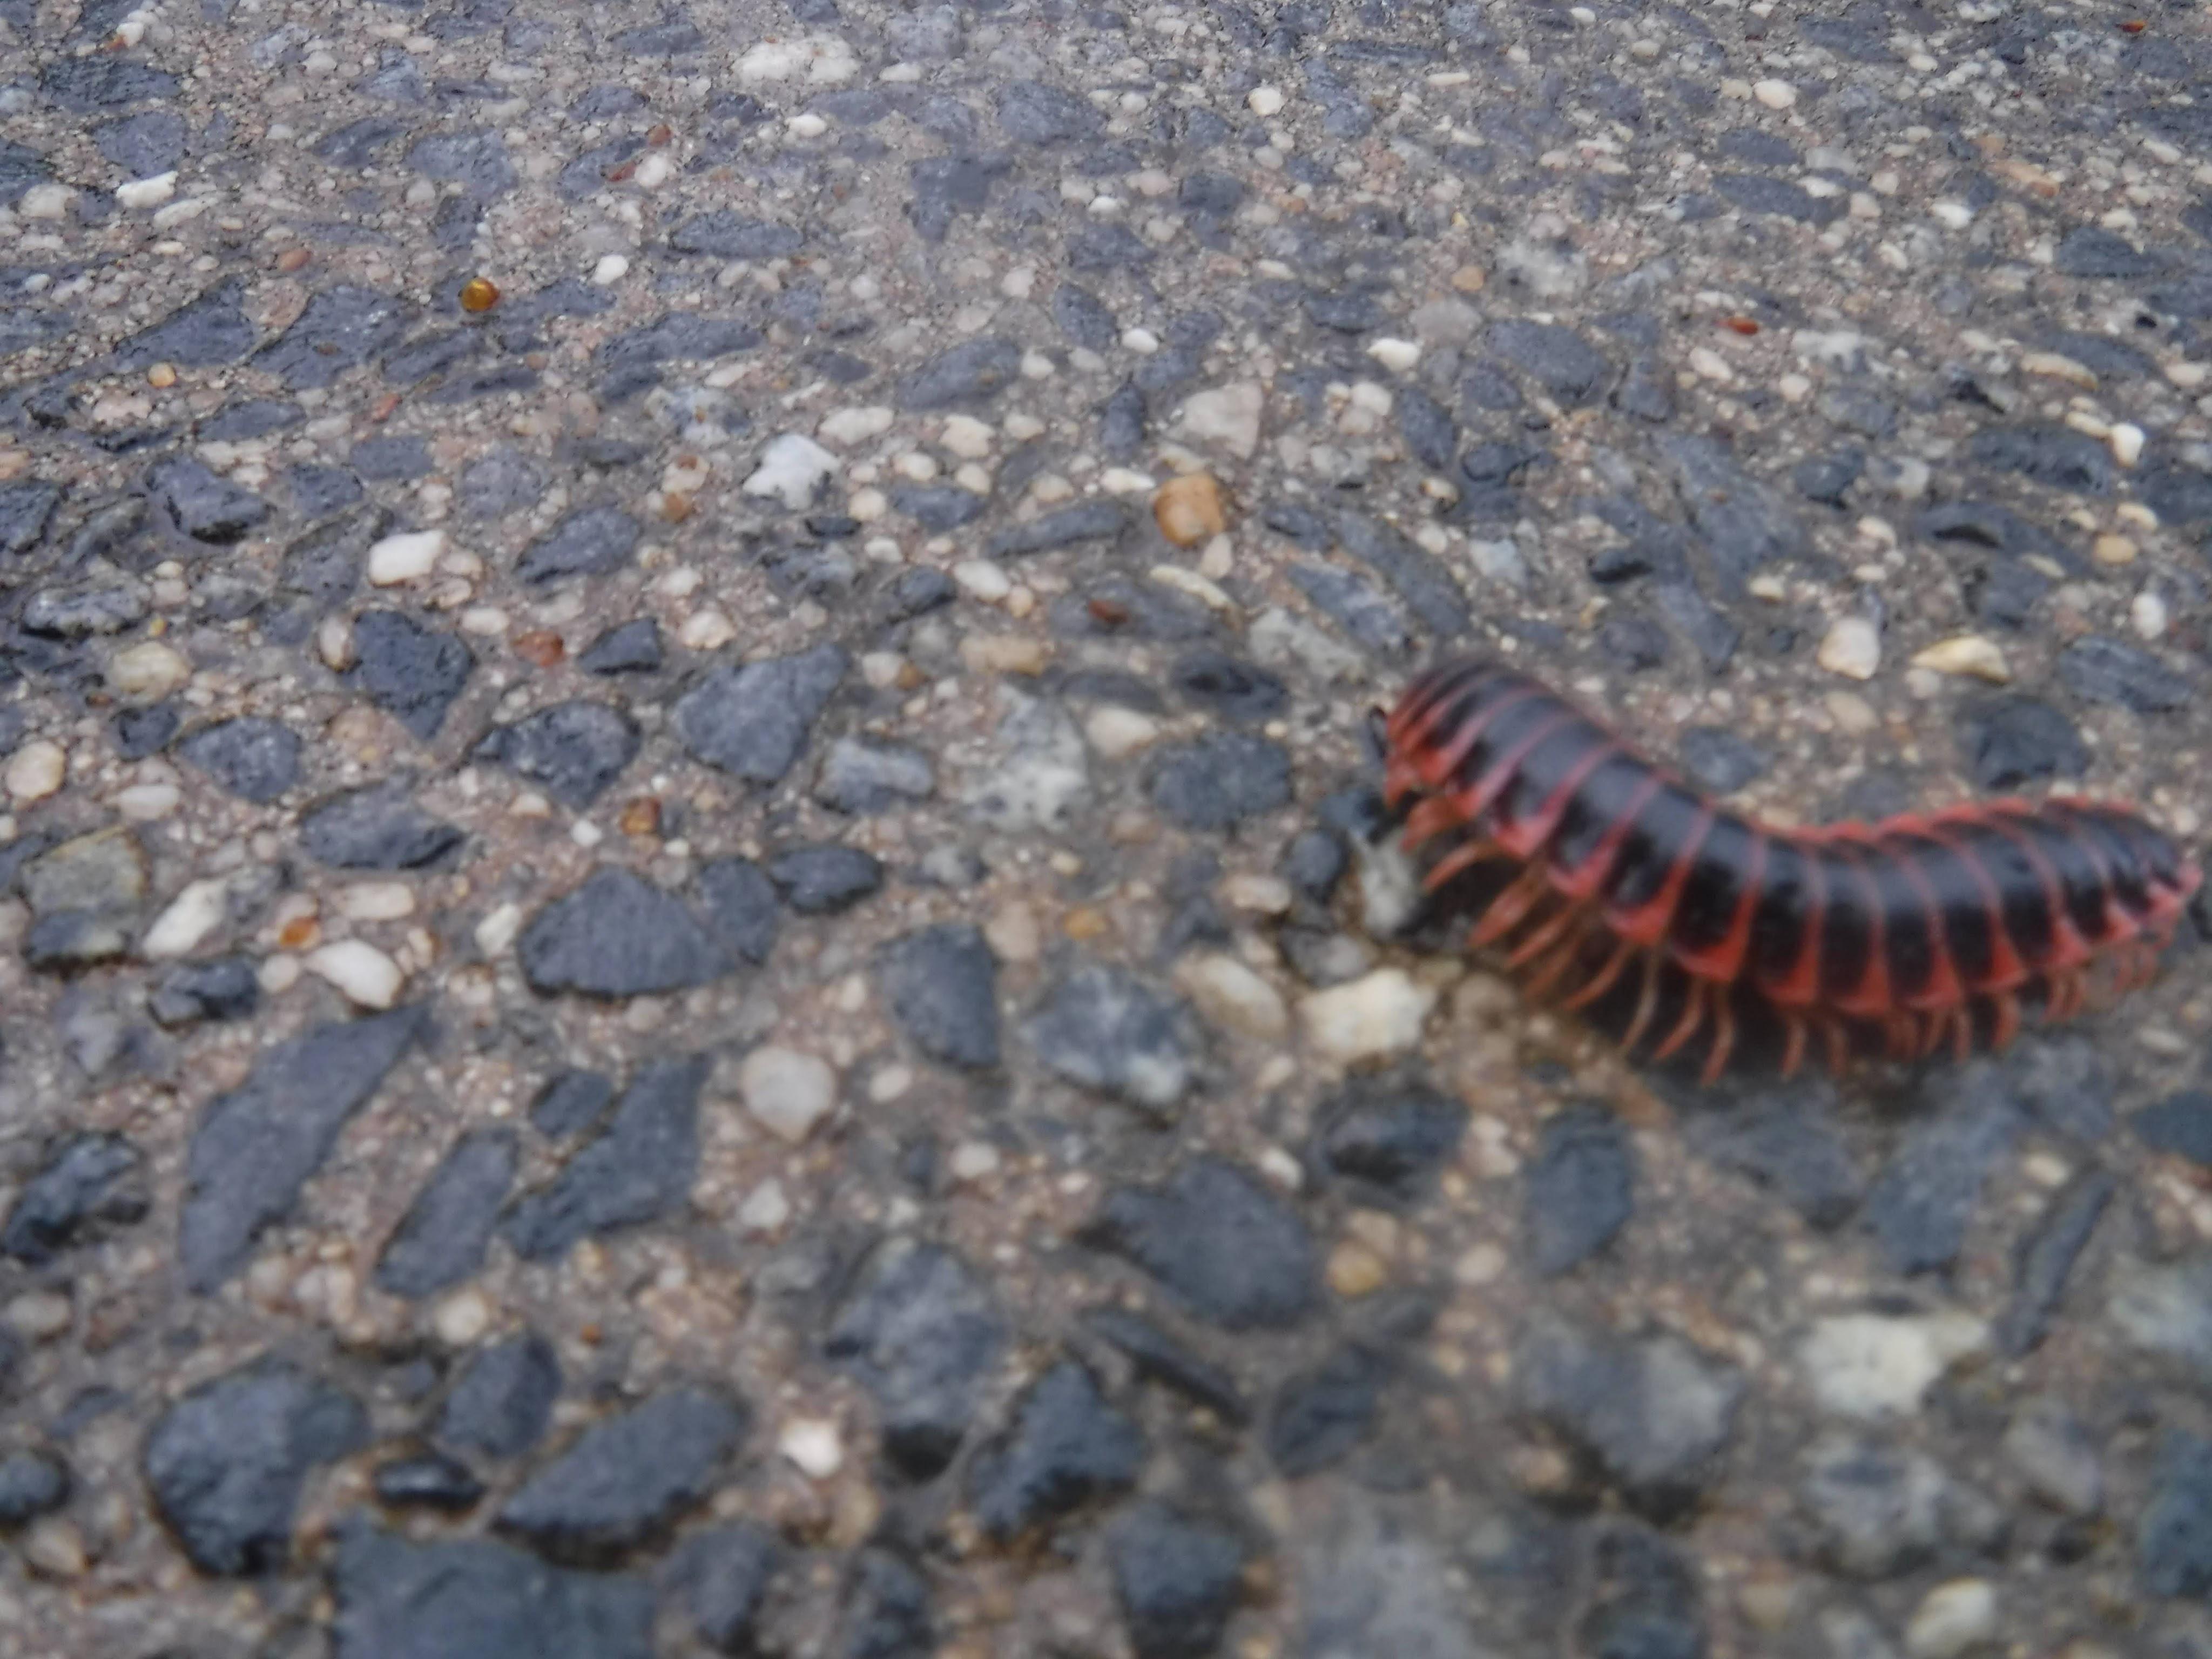 12-centipede